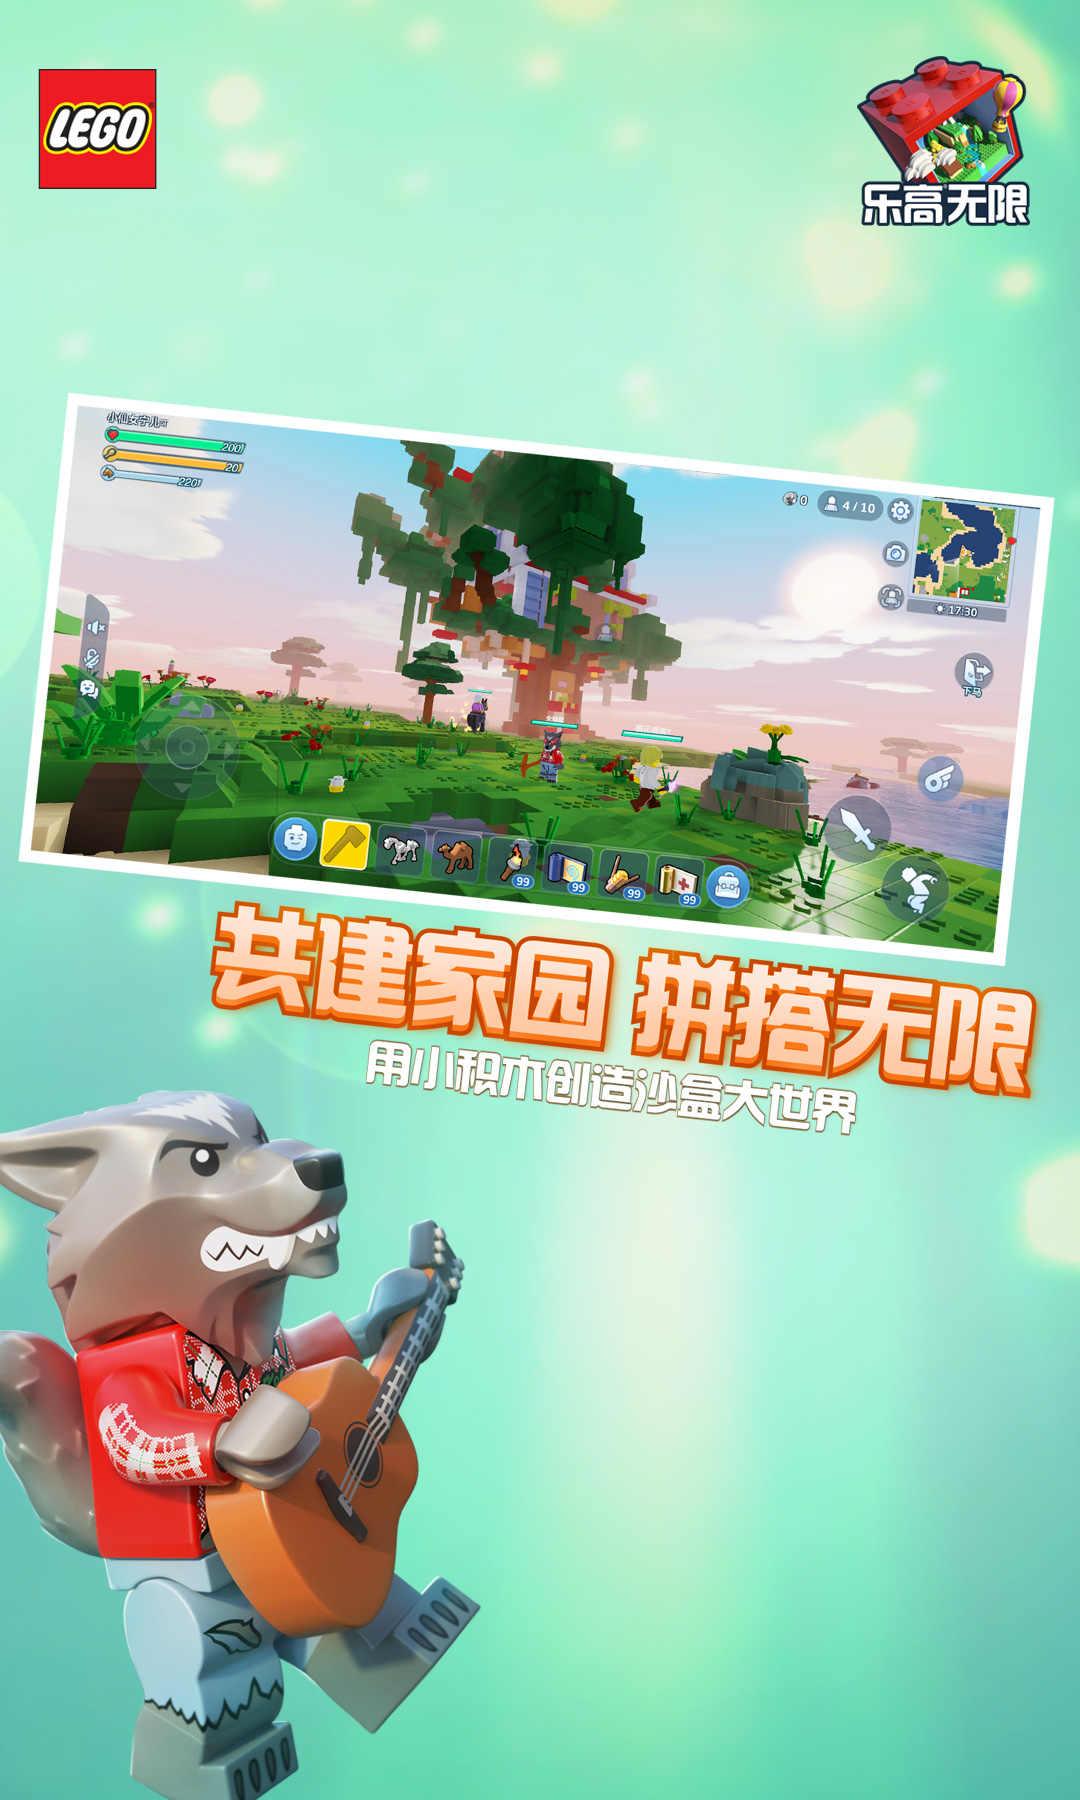 手机游戏通用版_乐高无限_安卓手机游戏免费版下载_7723手机游戏